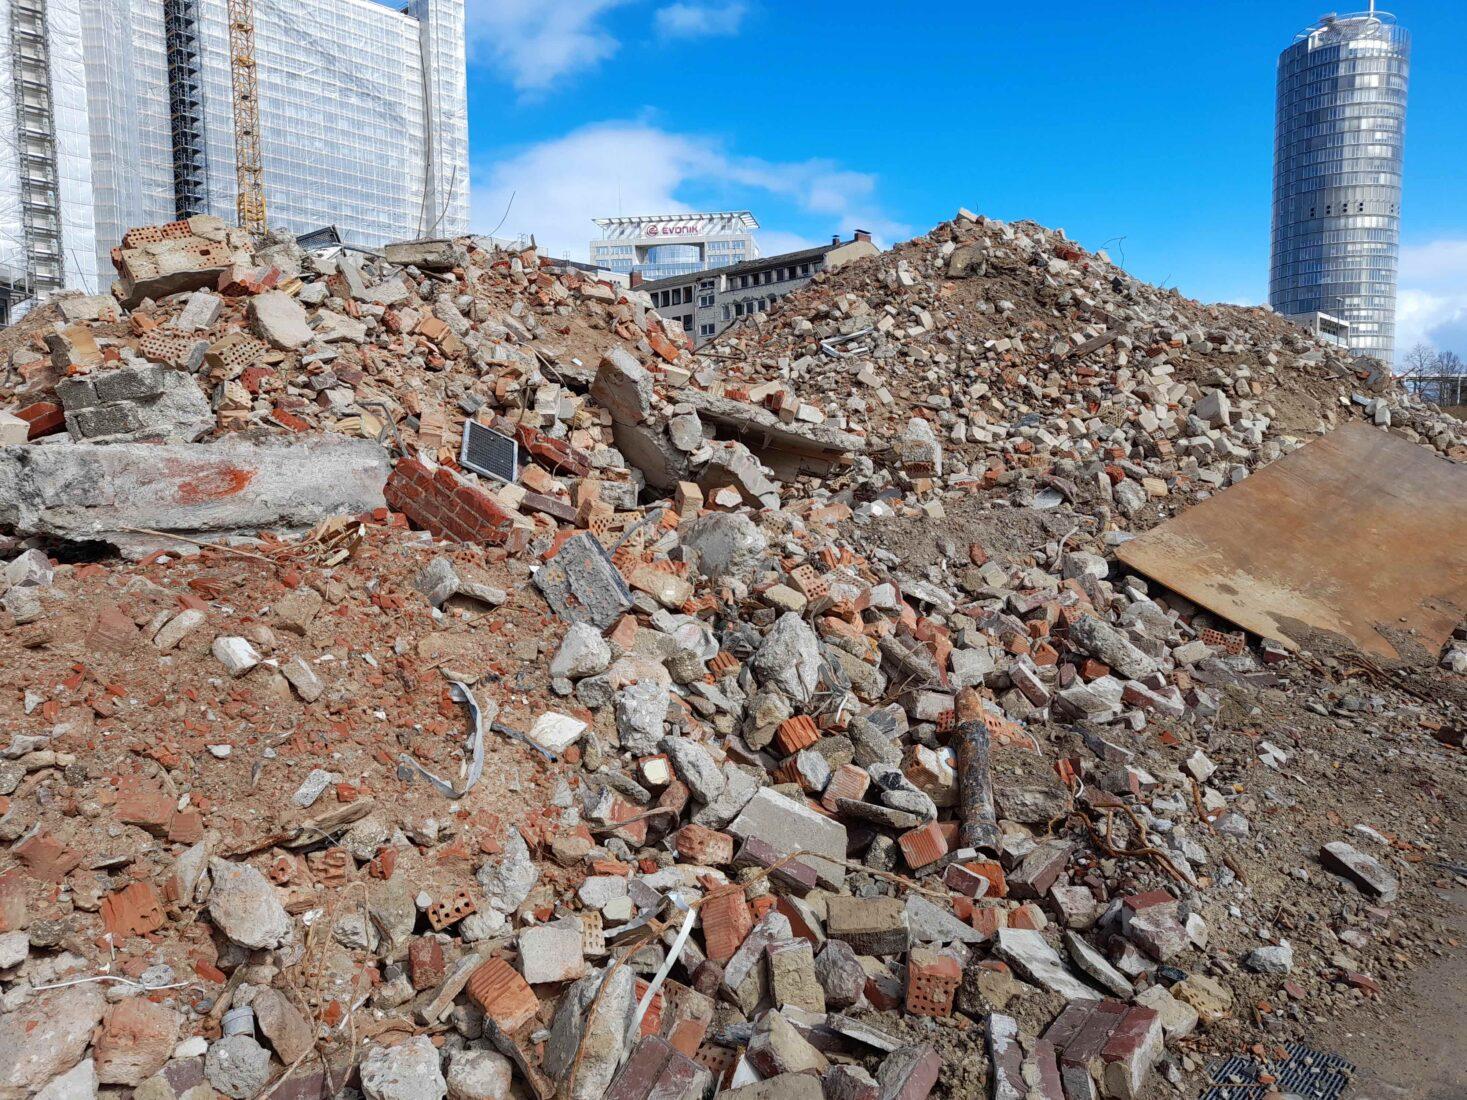 Jedes Jahr fallen in Deutschland riesige Mengen mineralischer Bauabfälle an. Foto: Grimm